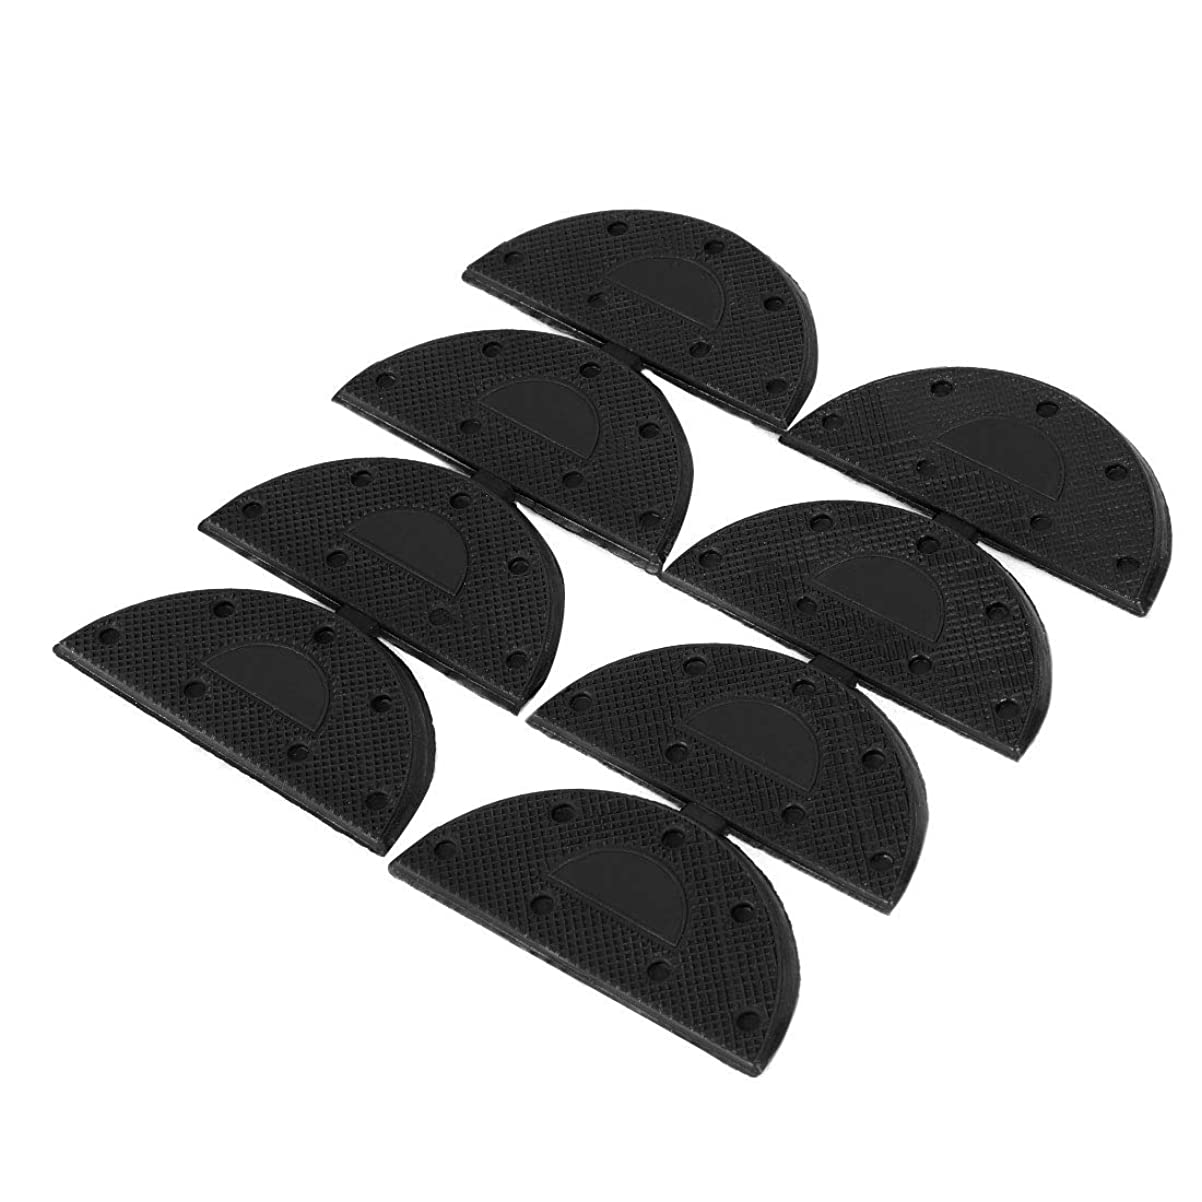 受けるマントル無傷uxcell 靴底修理キット 修理パッド かかと 靴底用補修材 ゴム 滑り止め ブラック 8個